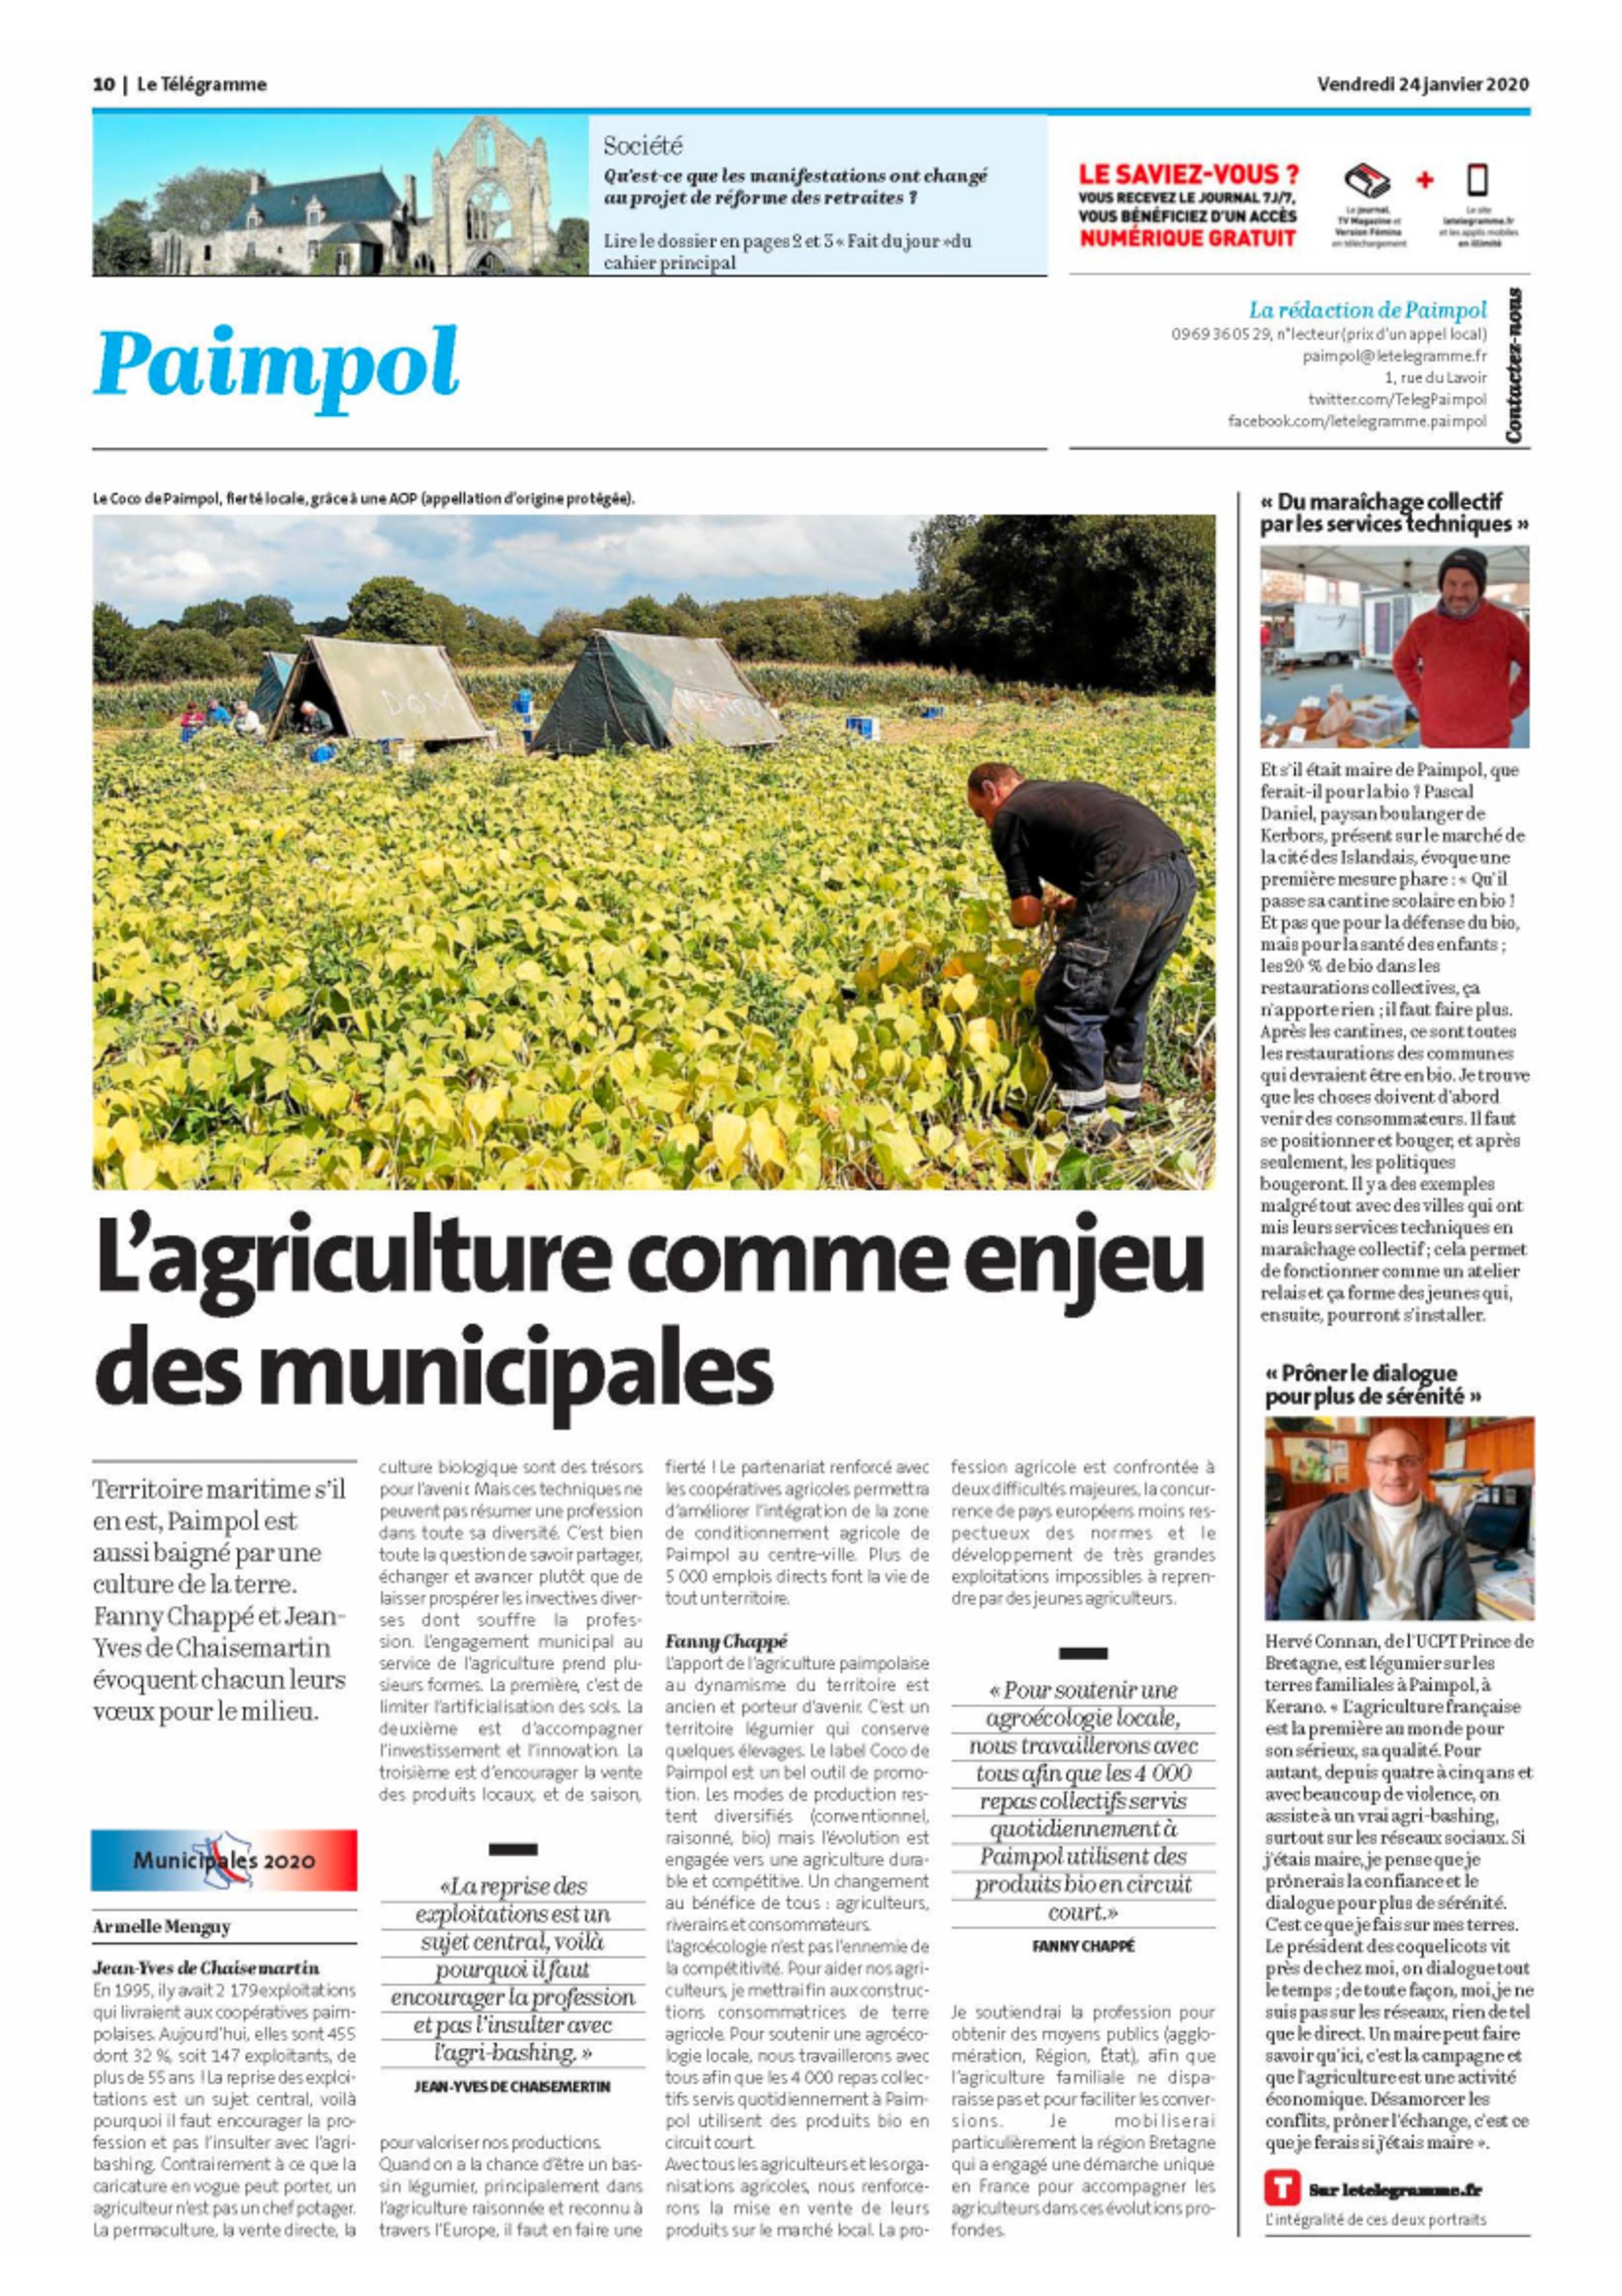 L''agriculture comme enjeu des municipales